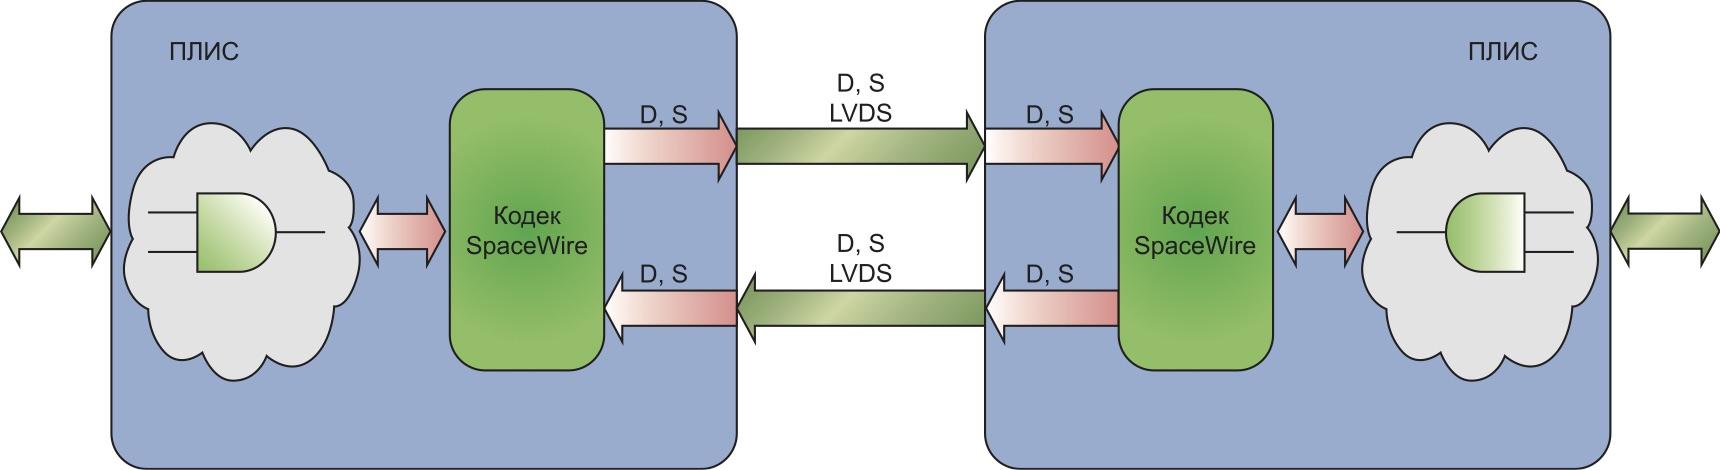 Соединение точка-точка двумя дифференциальными линиями LVDS в каждую сторону